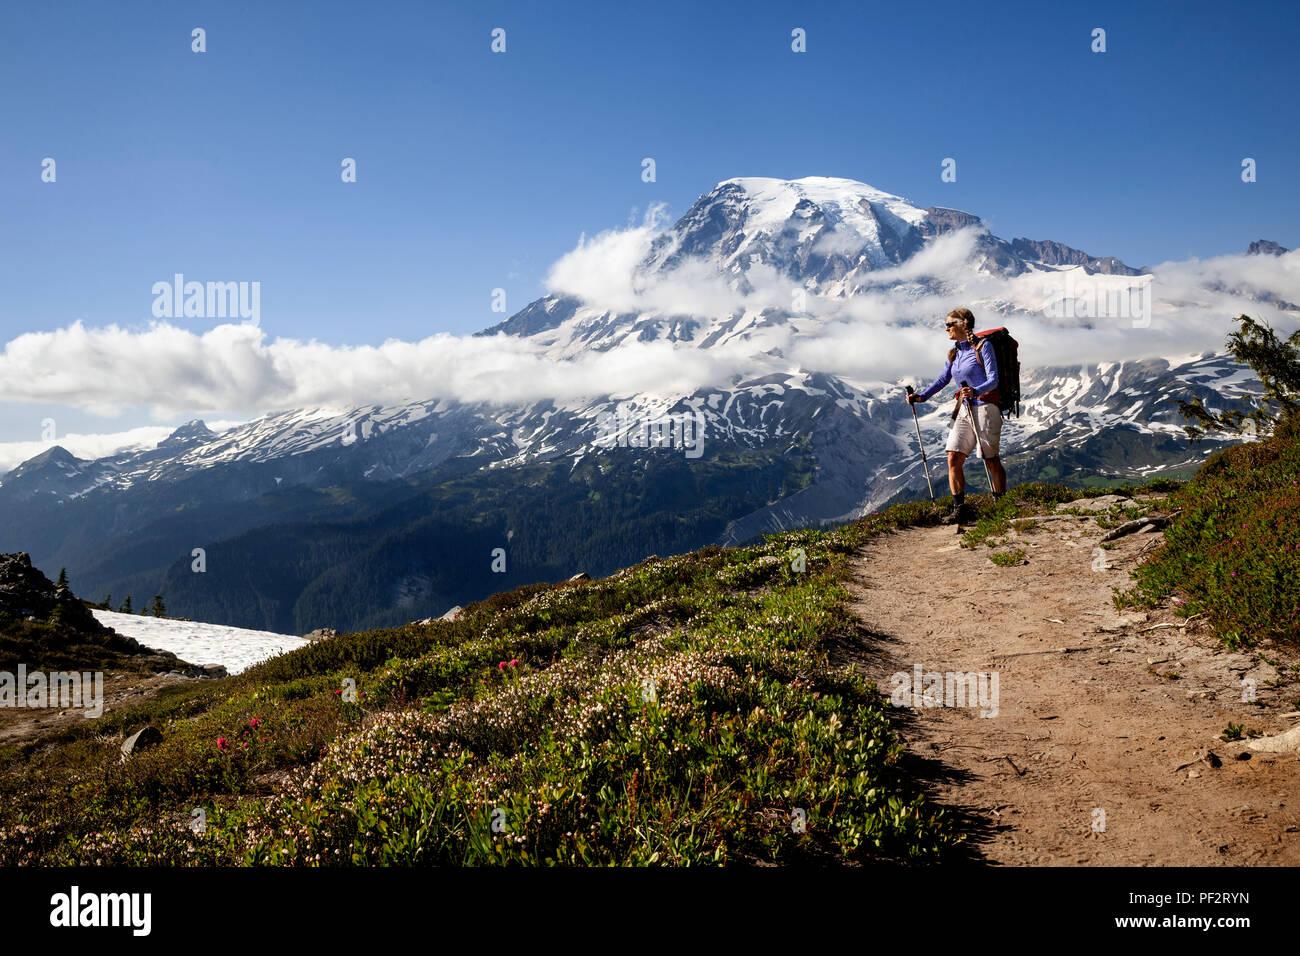 WA14713-00...WASHINGTON - Hiker in the Tatoosh Range with Mount Rainier in the distance, Mount Rainier National Park. (MR# S1) - Stock Image